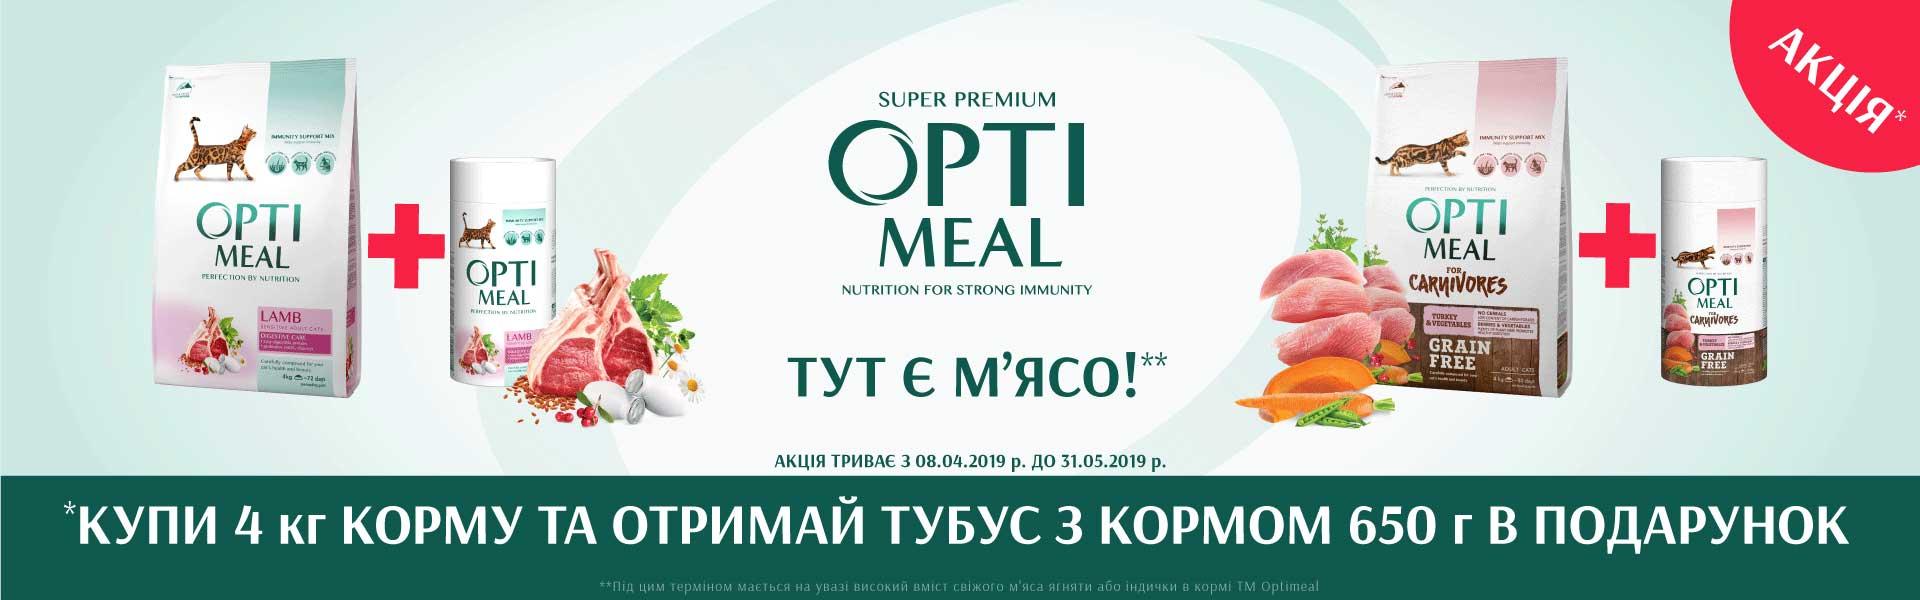 Подарок к корму ОптиМил - Тубус 650 г